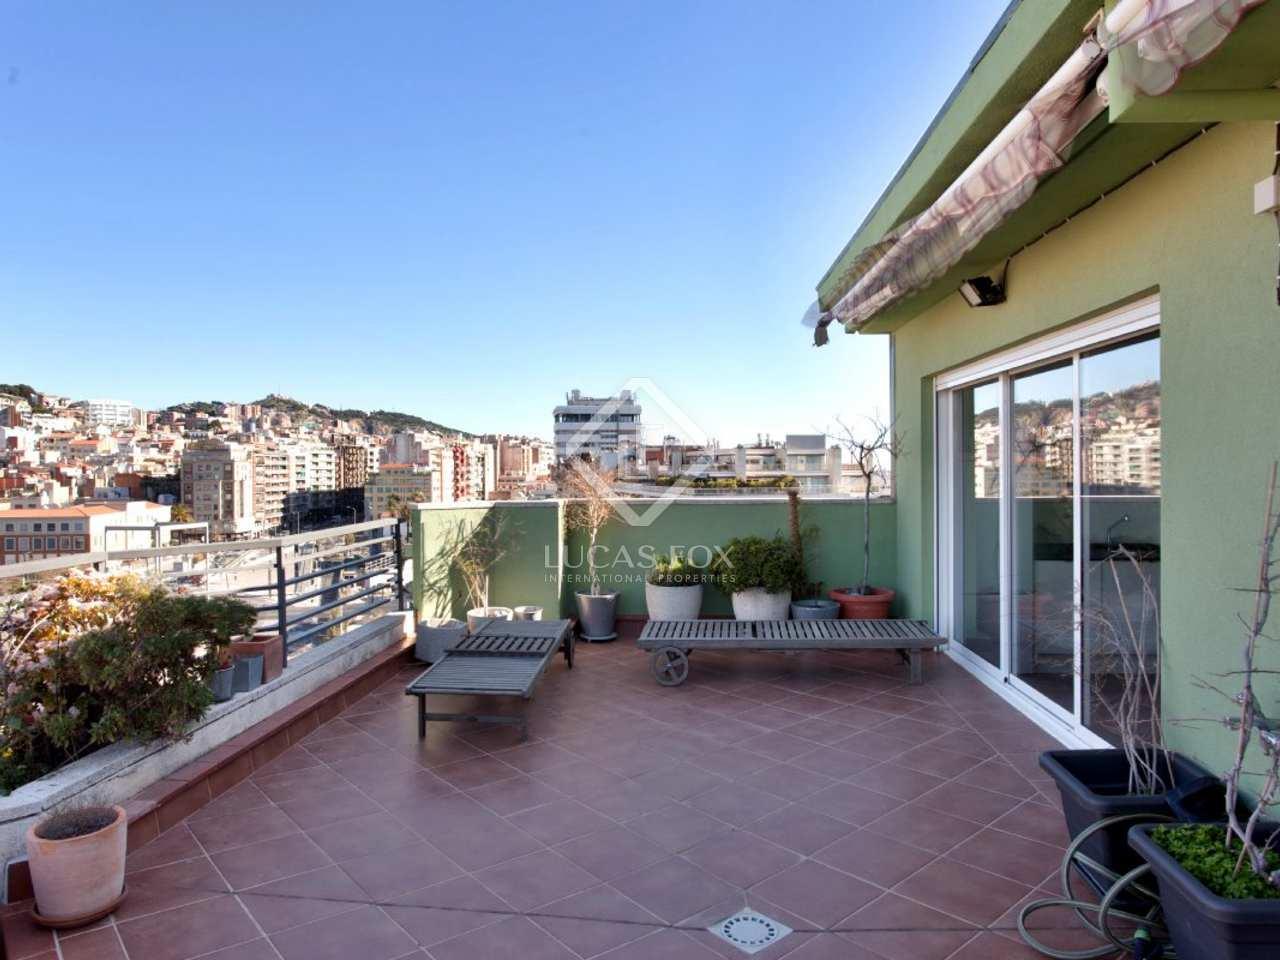 Tico con terraza en venta en gracia barcelona - Atico terraza barcelona ...